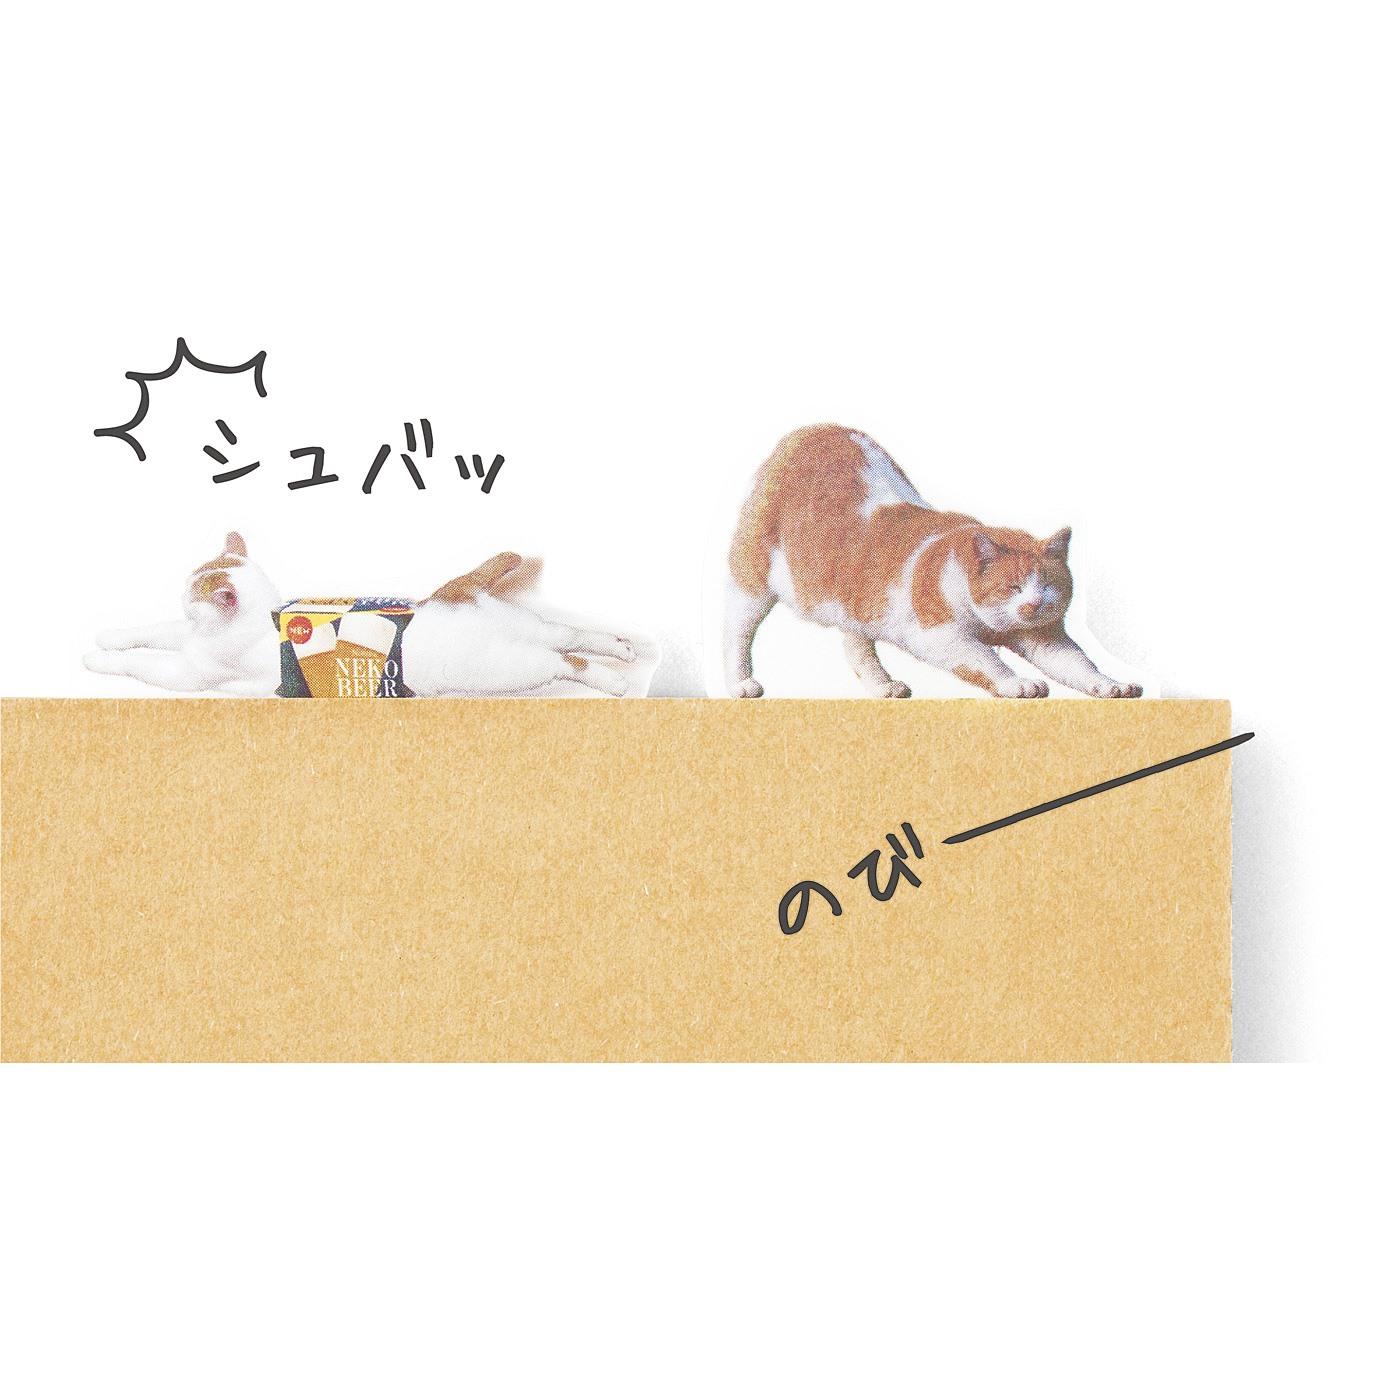 まわりで遊ぶ猫 本の上ですべったり伸びたり、自由気ままに遊ばせて。